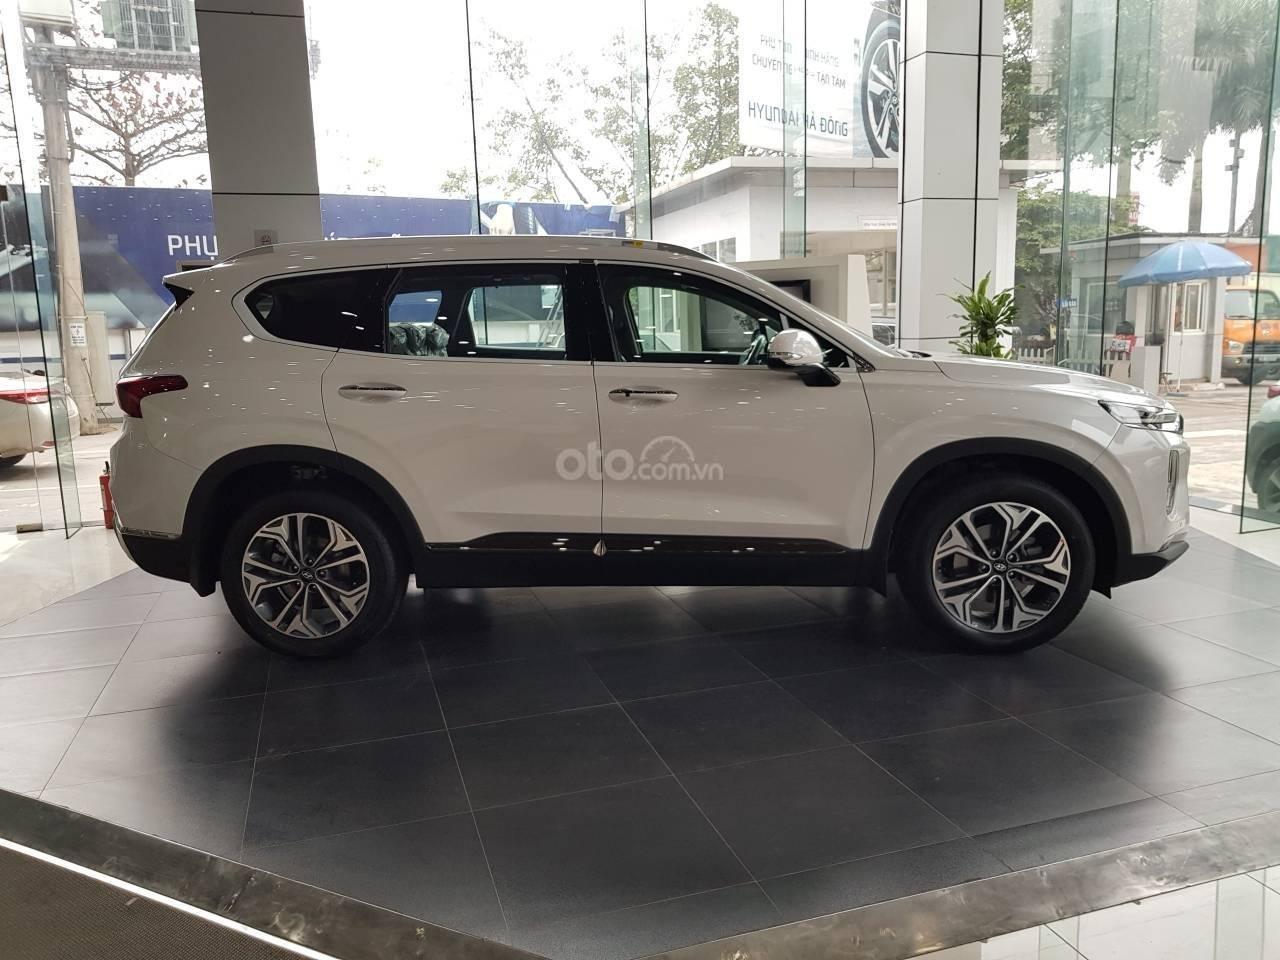 Bán Hyundai Santa Fe 2019, giao xe ngay, khuyến mại cực cao, liên hệ ngay 0981476777 để ép giá và nhận ưu đãi-3